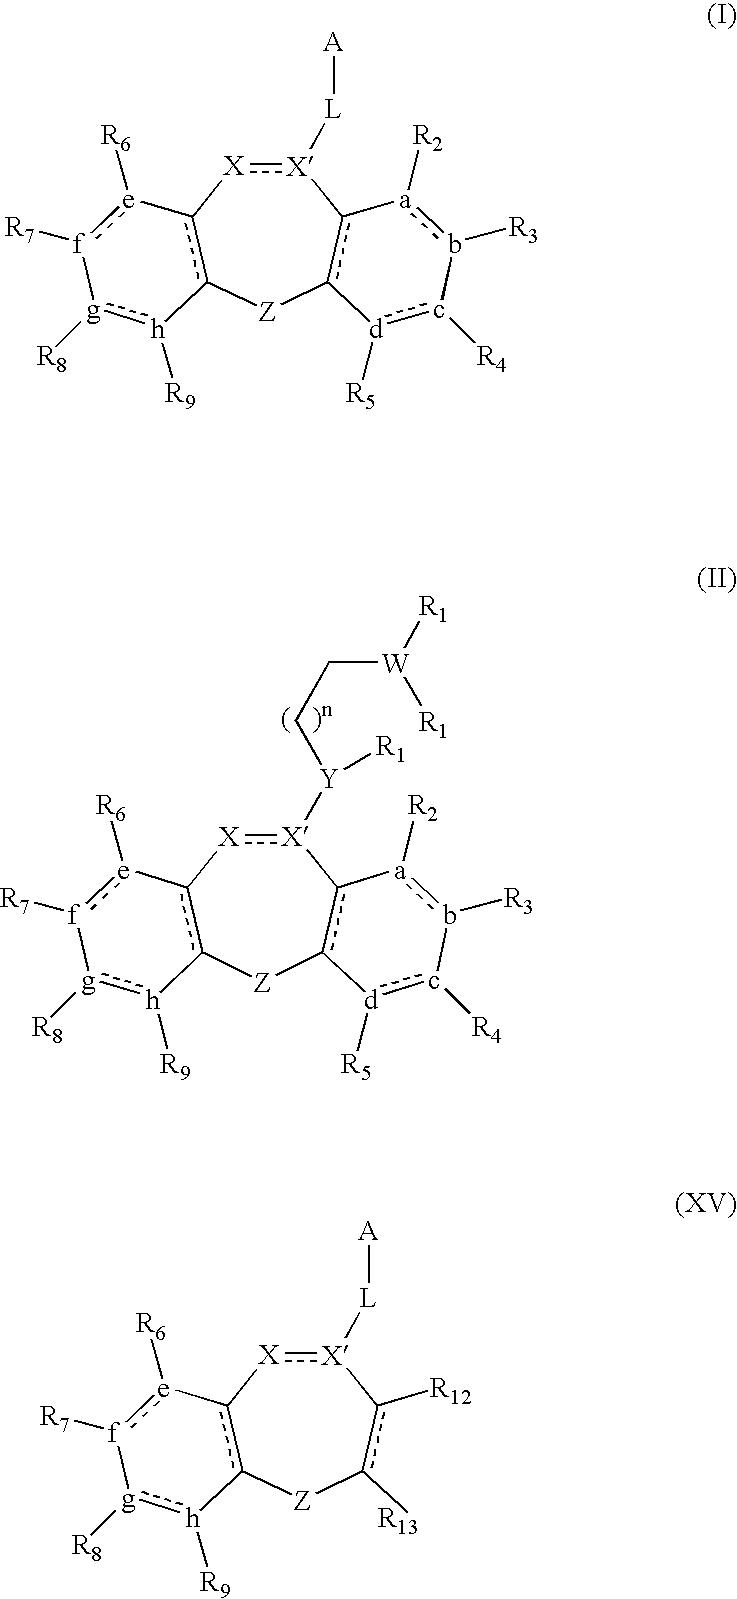 Figure US20060252744A1-20061109-C00214